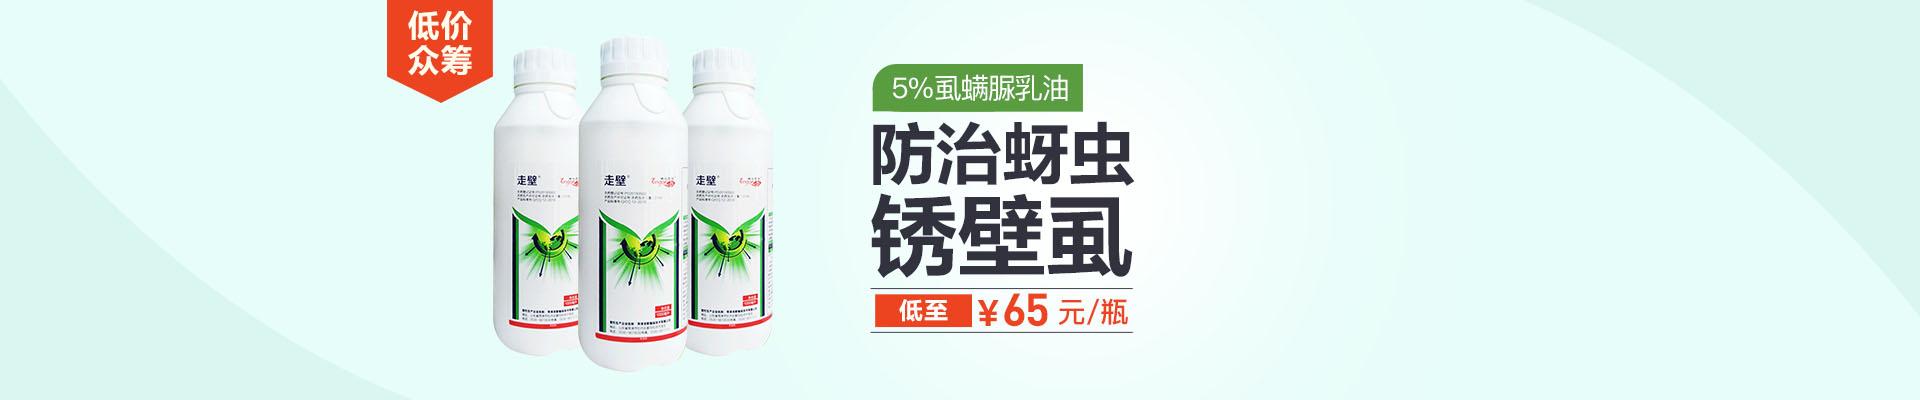 【5月】众筹-龙歌走壁5%虱螨脲乳油